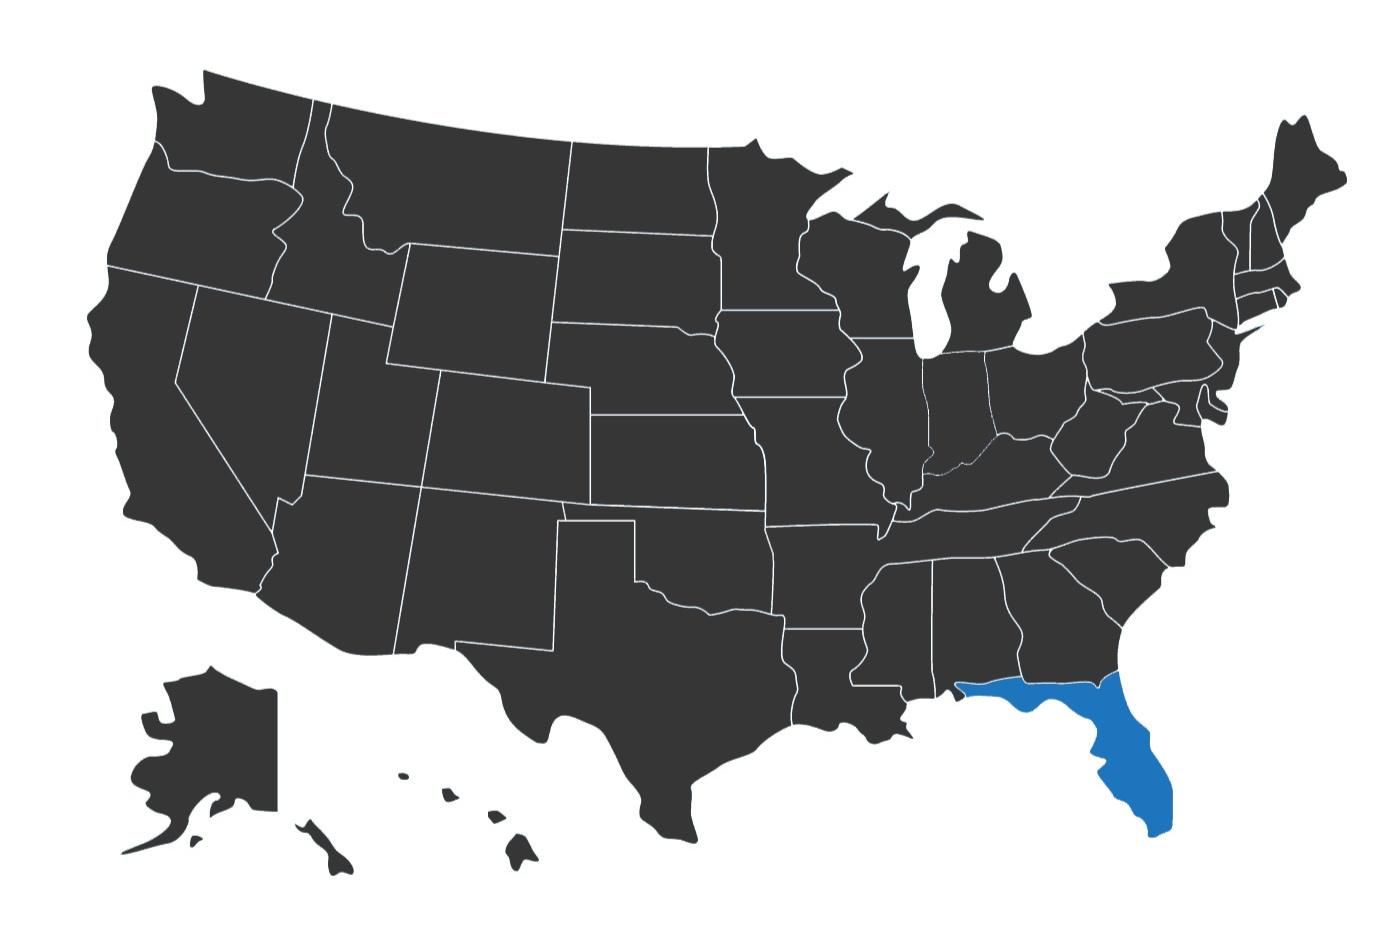 Florida+State+Map.jpg